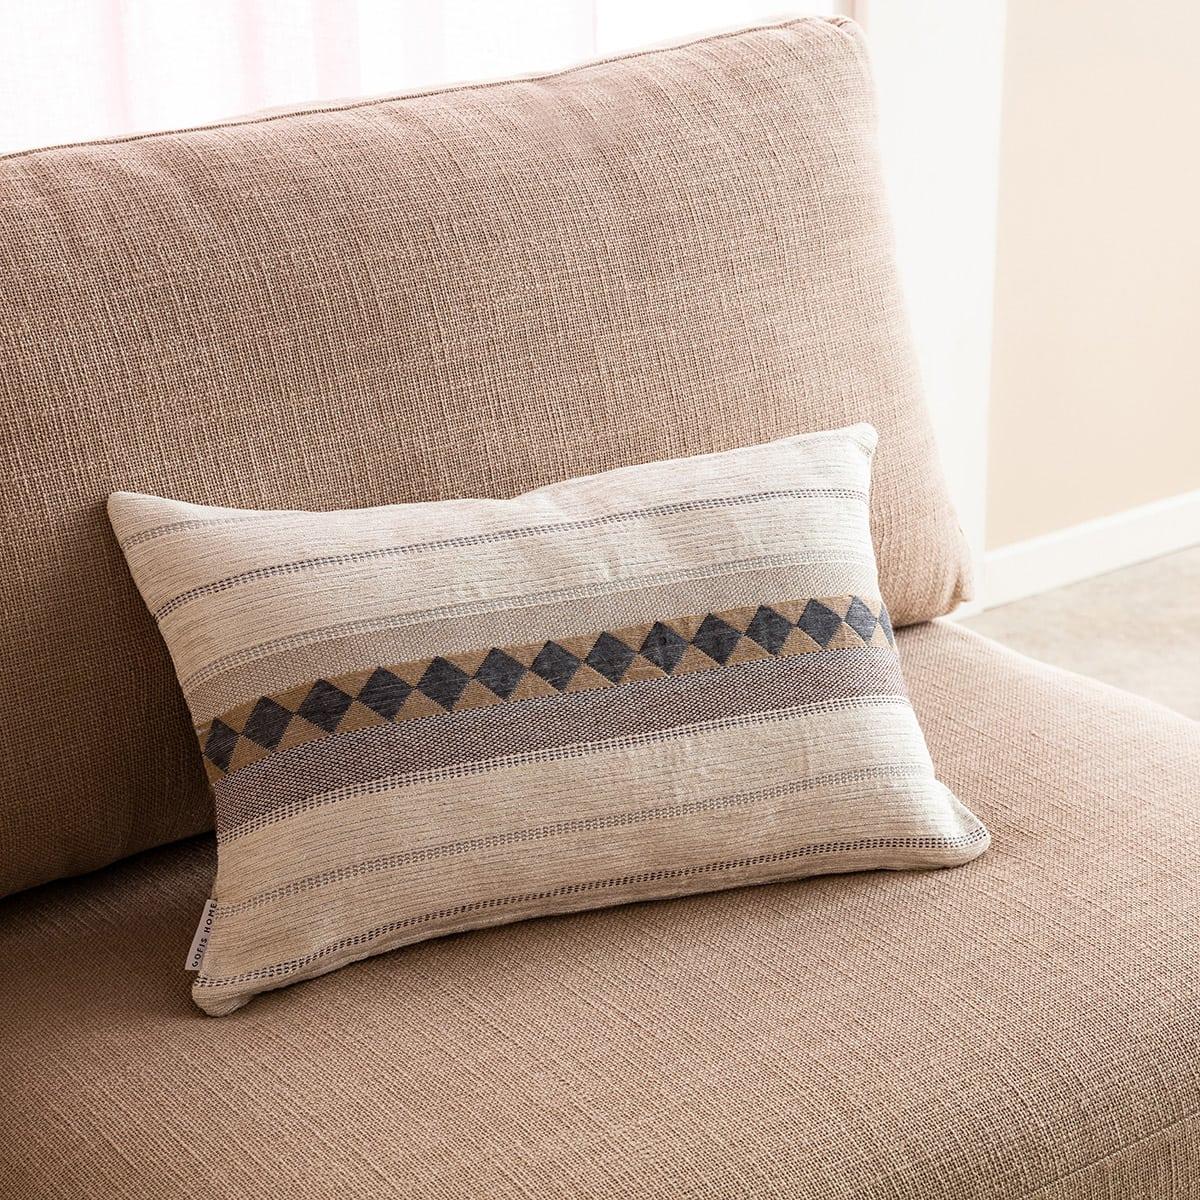 Μαξιλαροθήκη Διακοσμητική Kallista 287/15 Grey Gofis Home 30Χ50 Βαμβάκι-Polyester